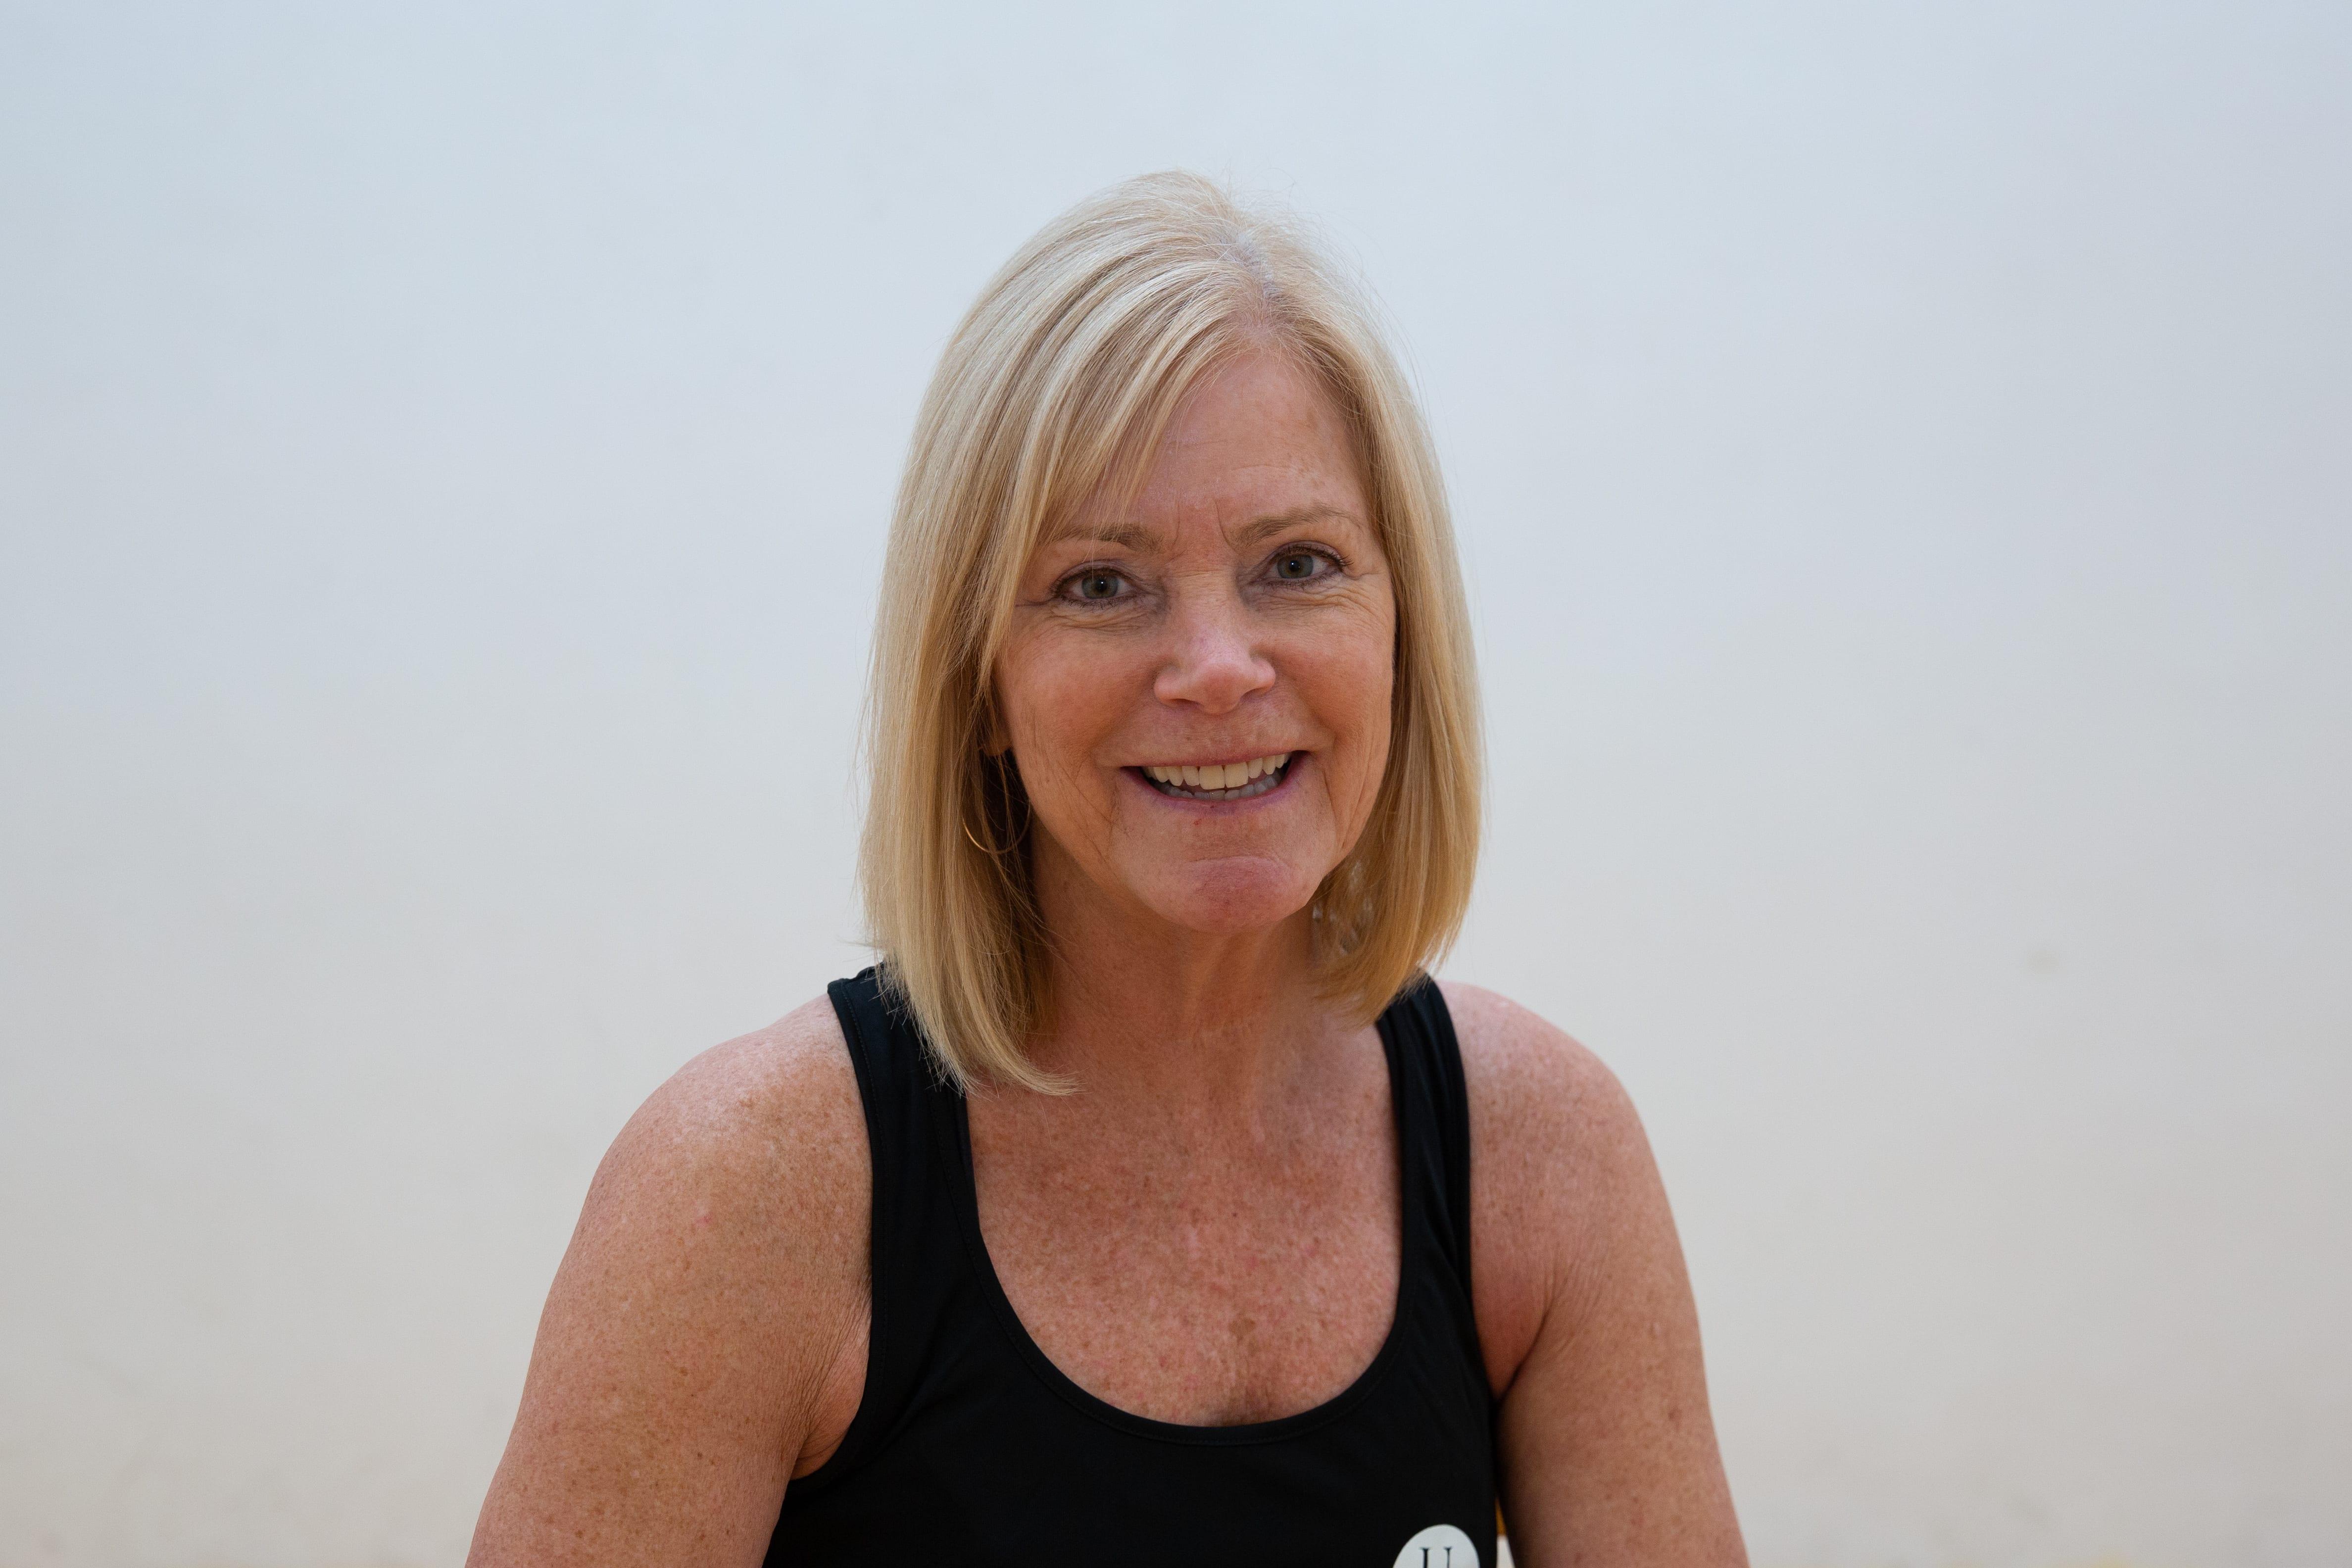 Polly Weir